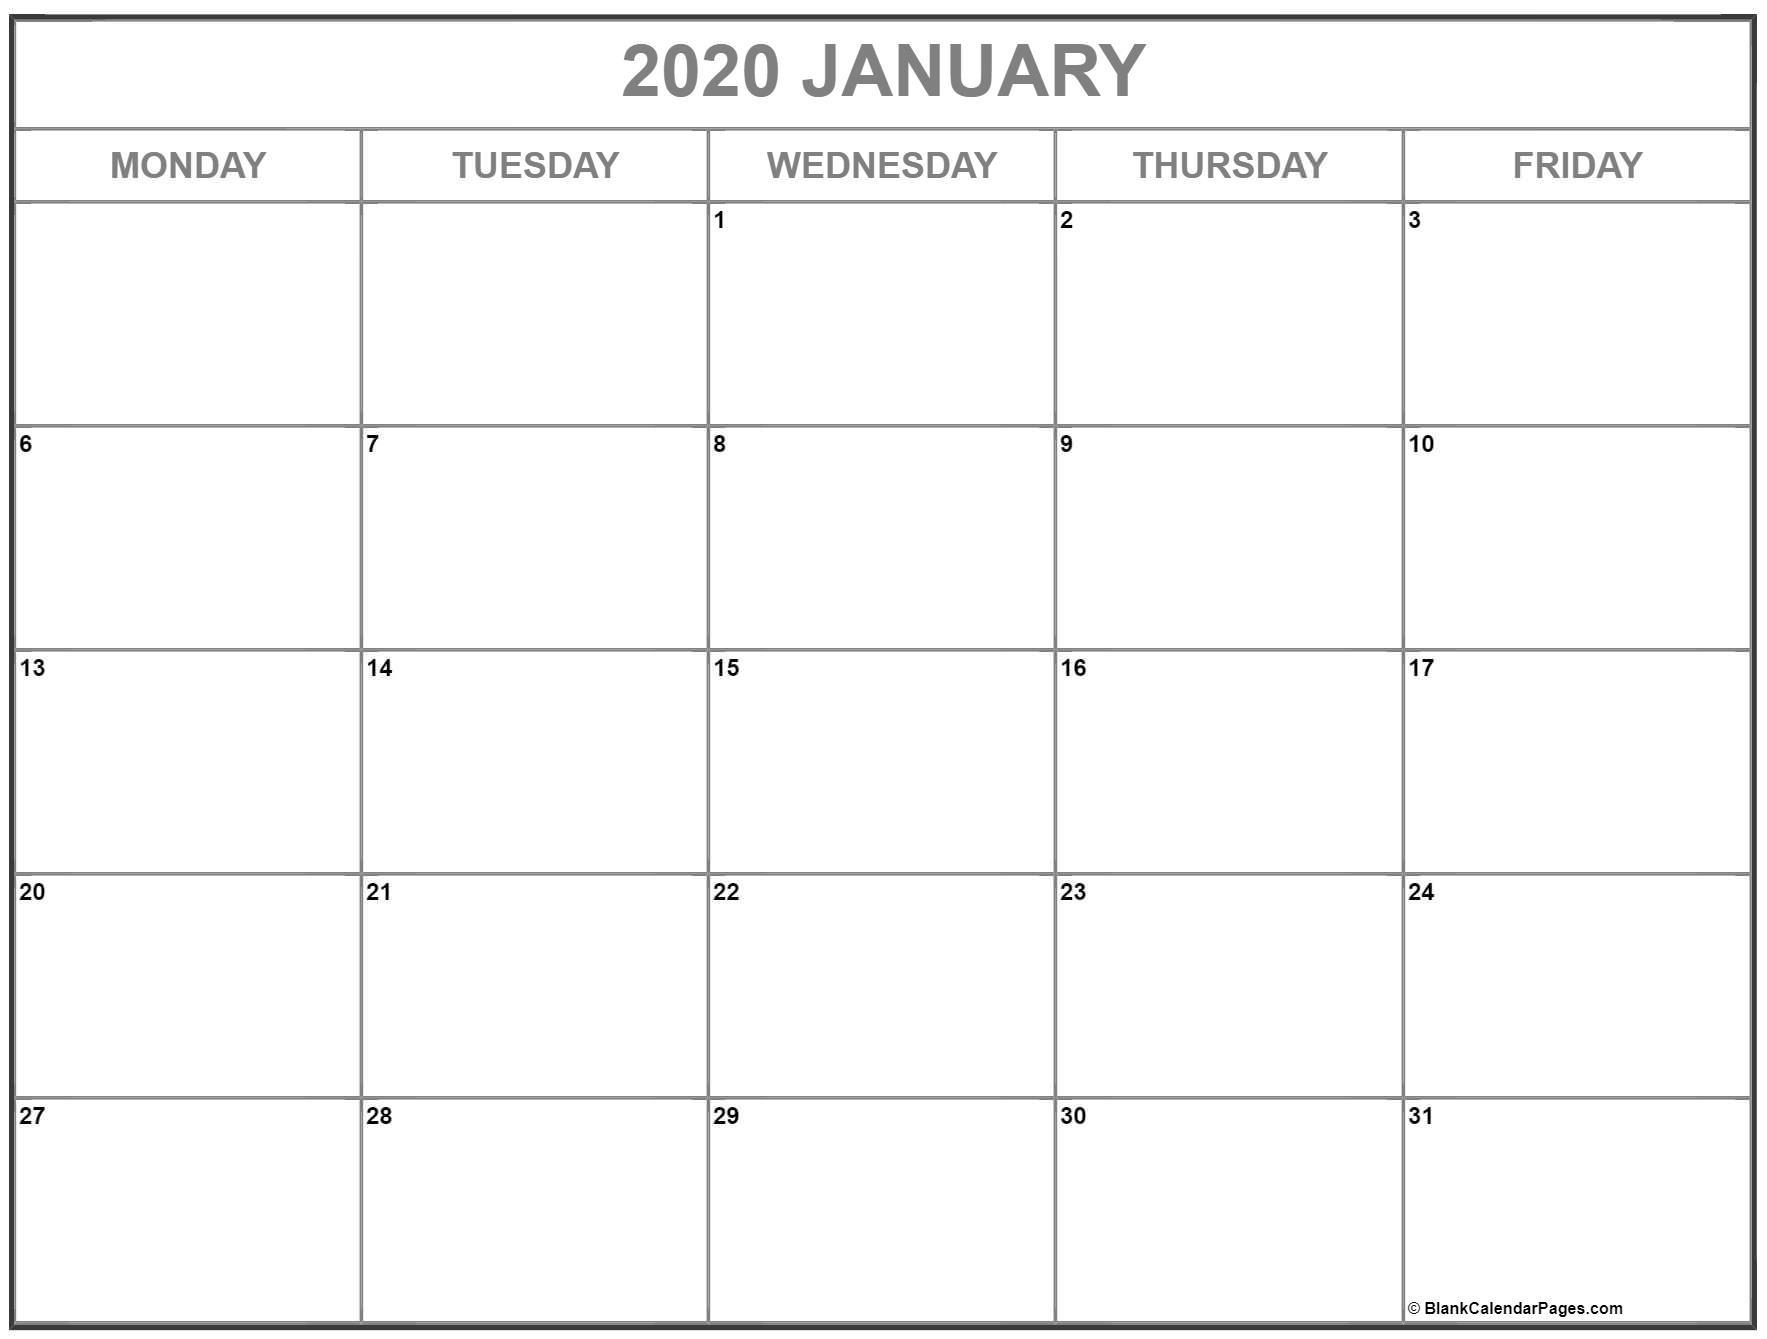 January 2020 Monday Calendar | Monday To Sunday pertaining to Monday Through Sunday Calendar Template